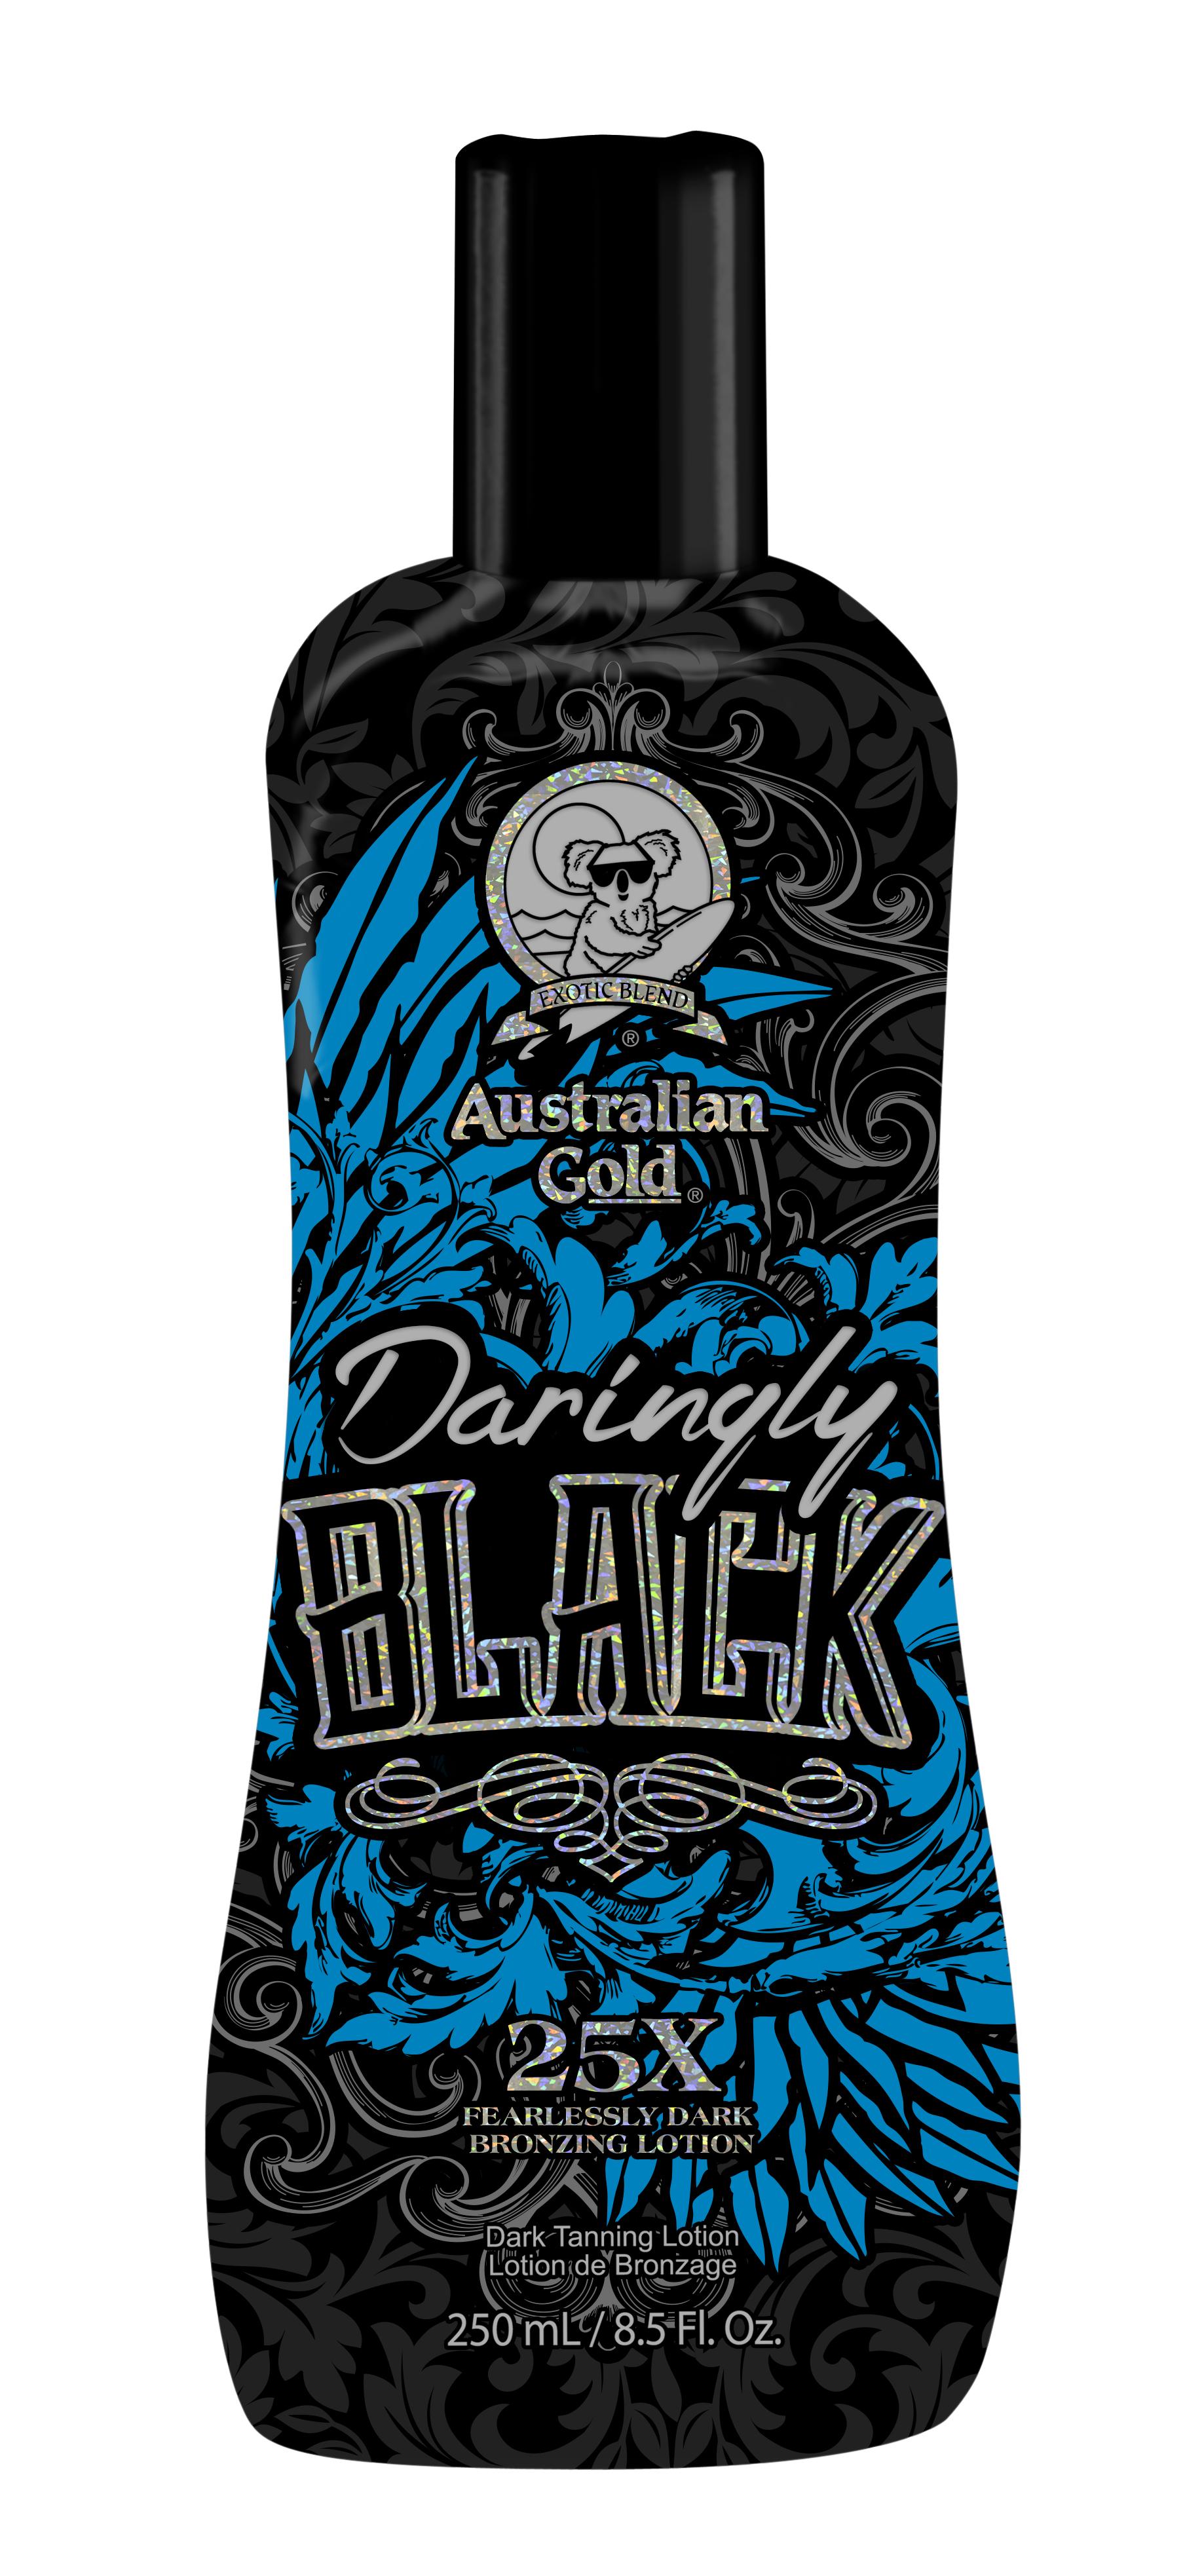 Daringly Black™ 25X Fearlessly Dark Bronzer